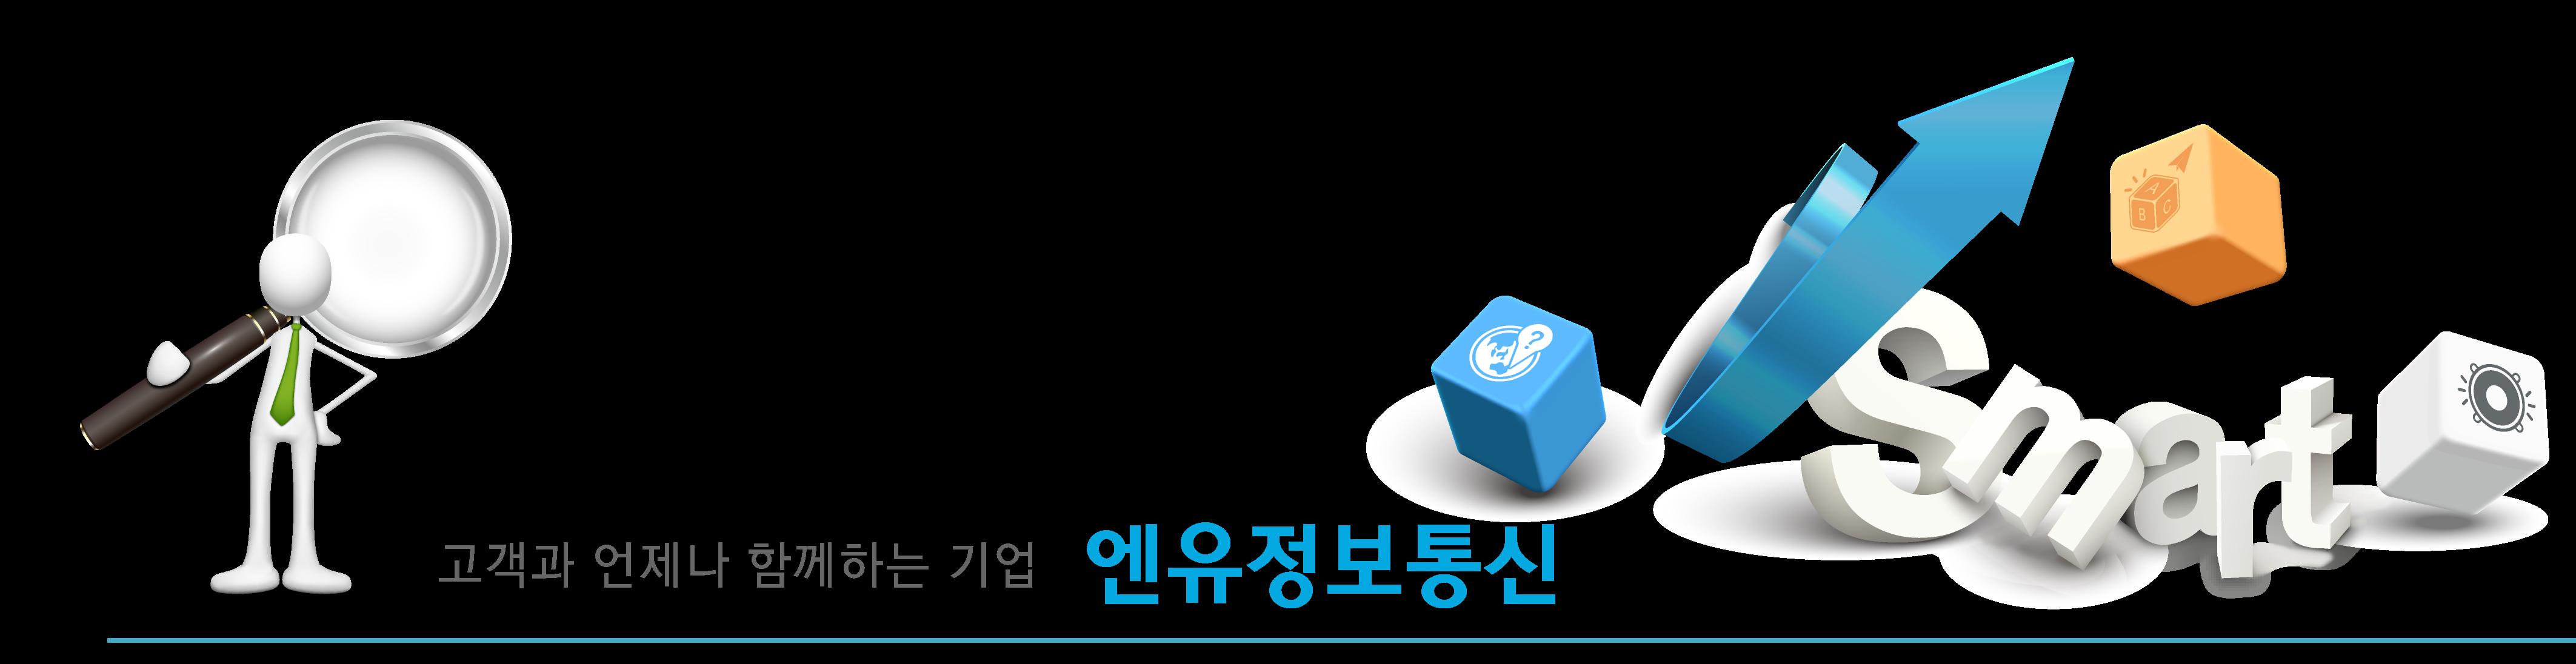 홍보자료-01.png